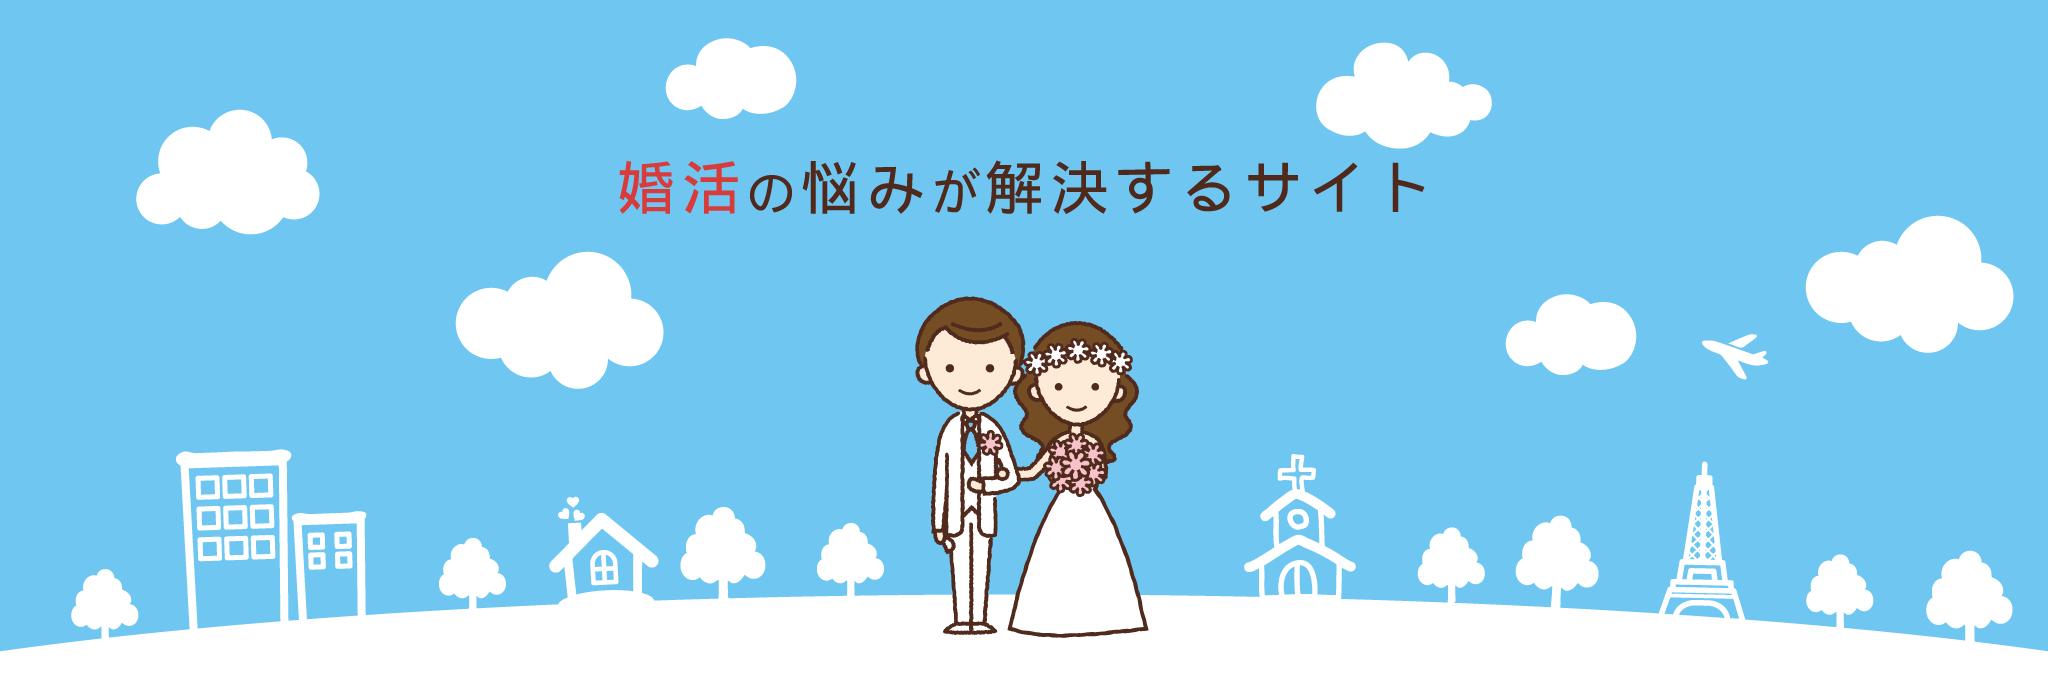 婚活の悩みが解決するサイト